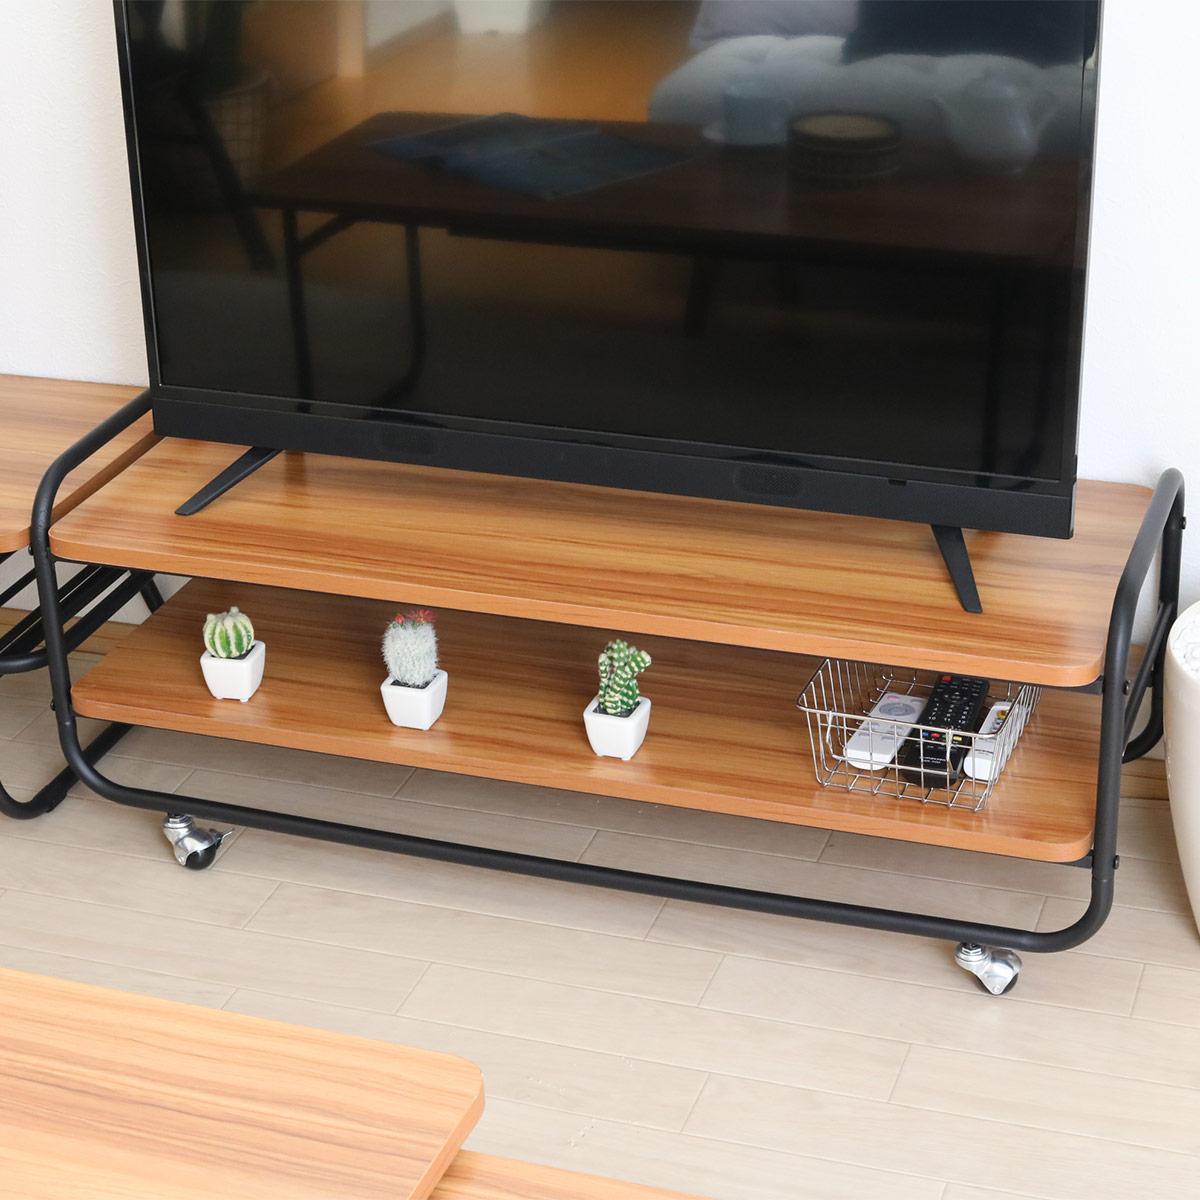 テレビボード TV台 MUSH(マッシュ) 幅105cm ( 送料無料 AVラック TVボード ローボード オープンラック キャスター付き テーブル 木目柄 レトロ )